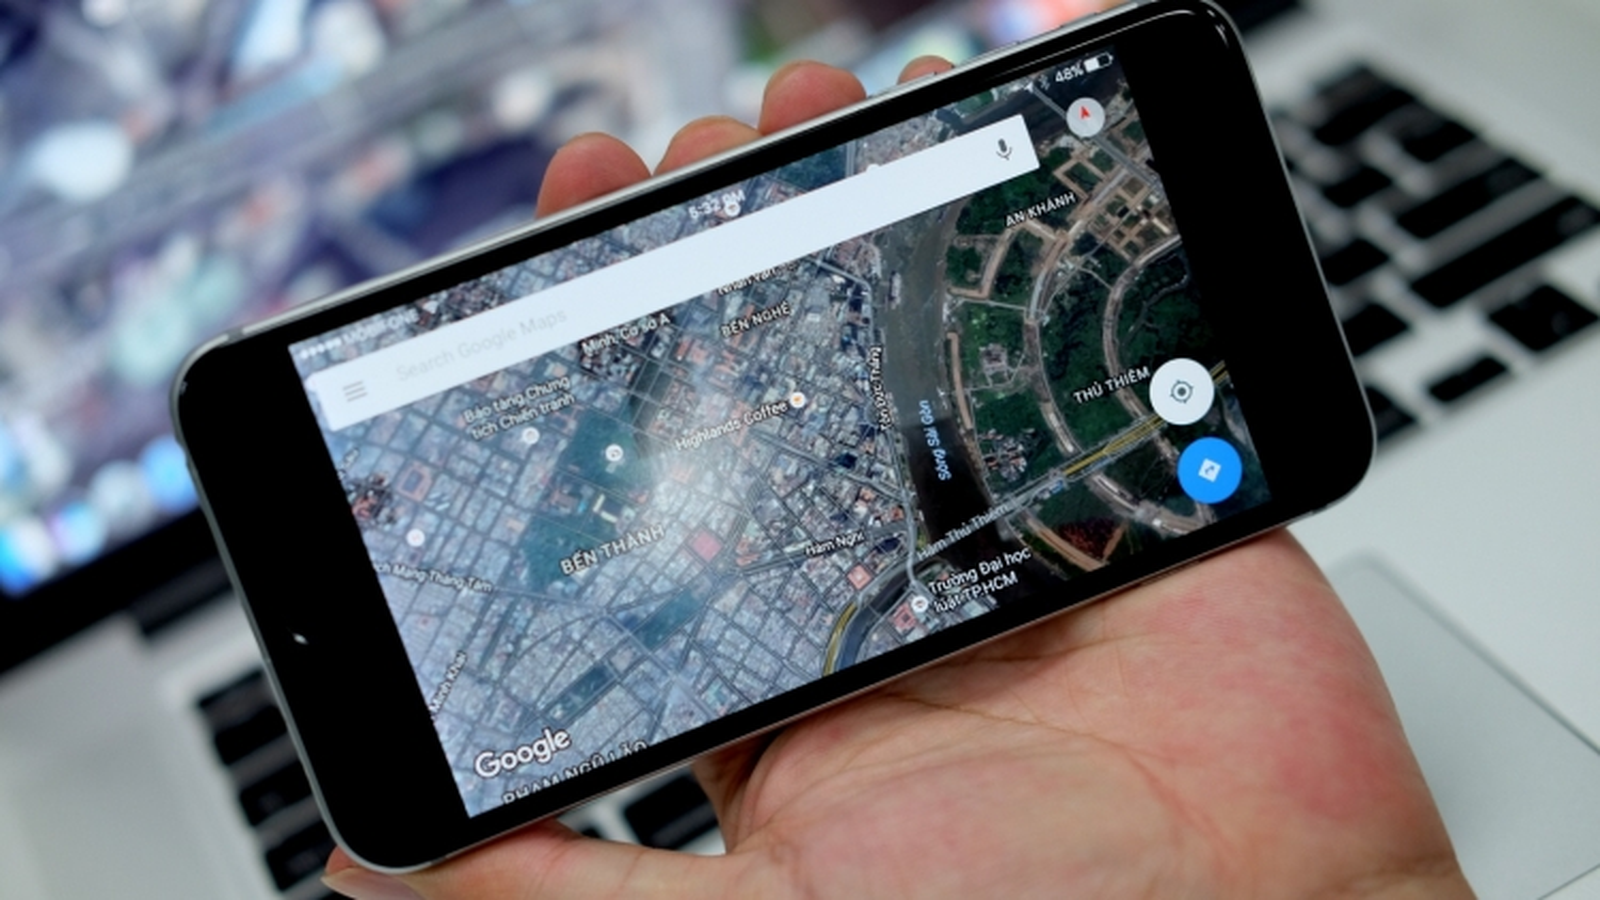 'Muốn Google không biết bạn ở đâu thì đừng dùng Google Maps'